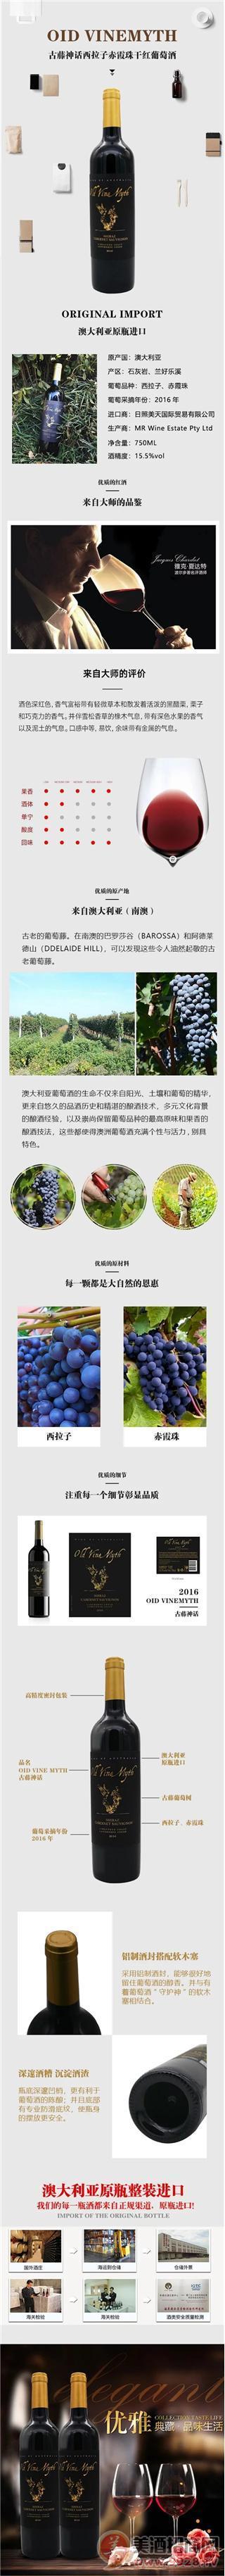 2016古藤神�西拉子赤霞珠干�t葡萄酒